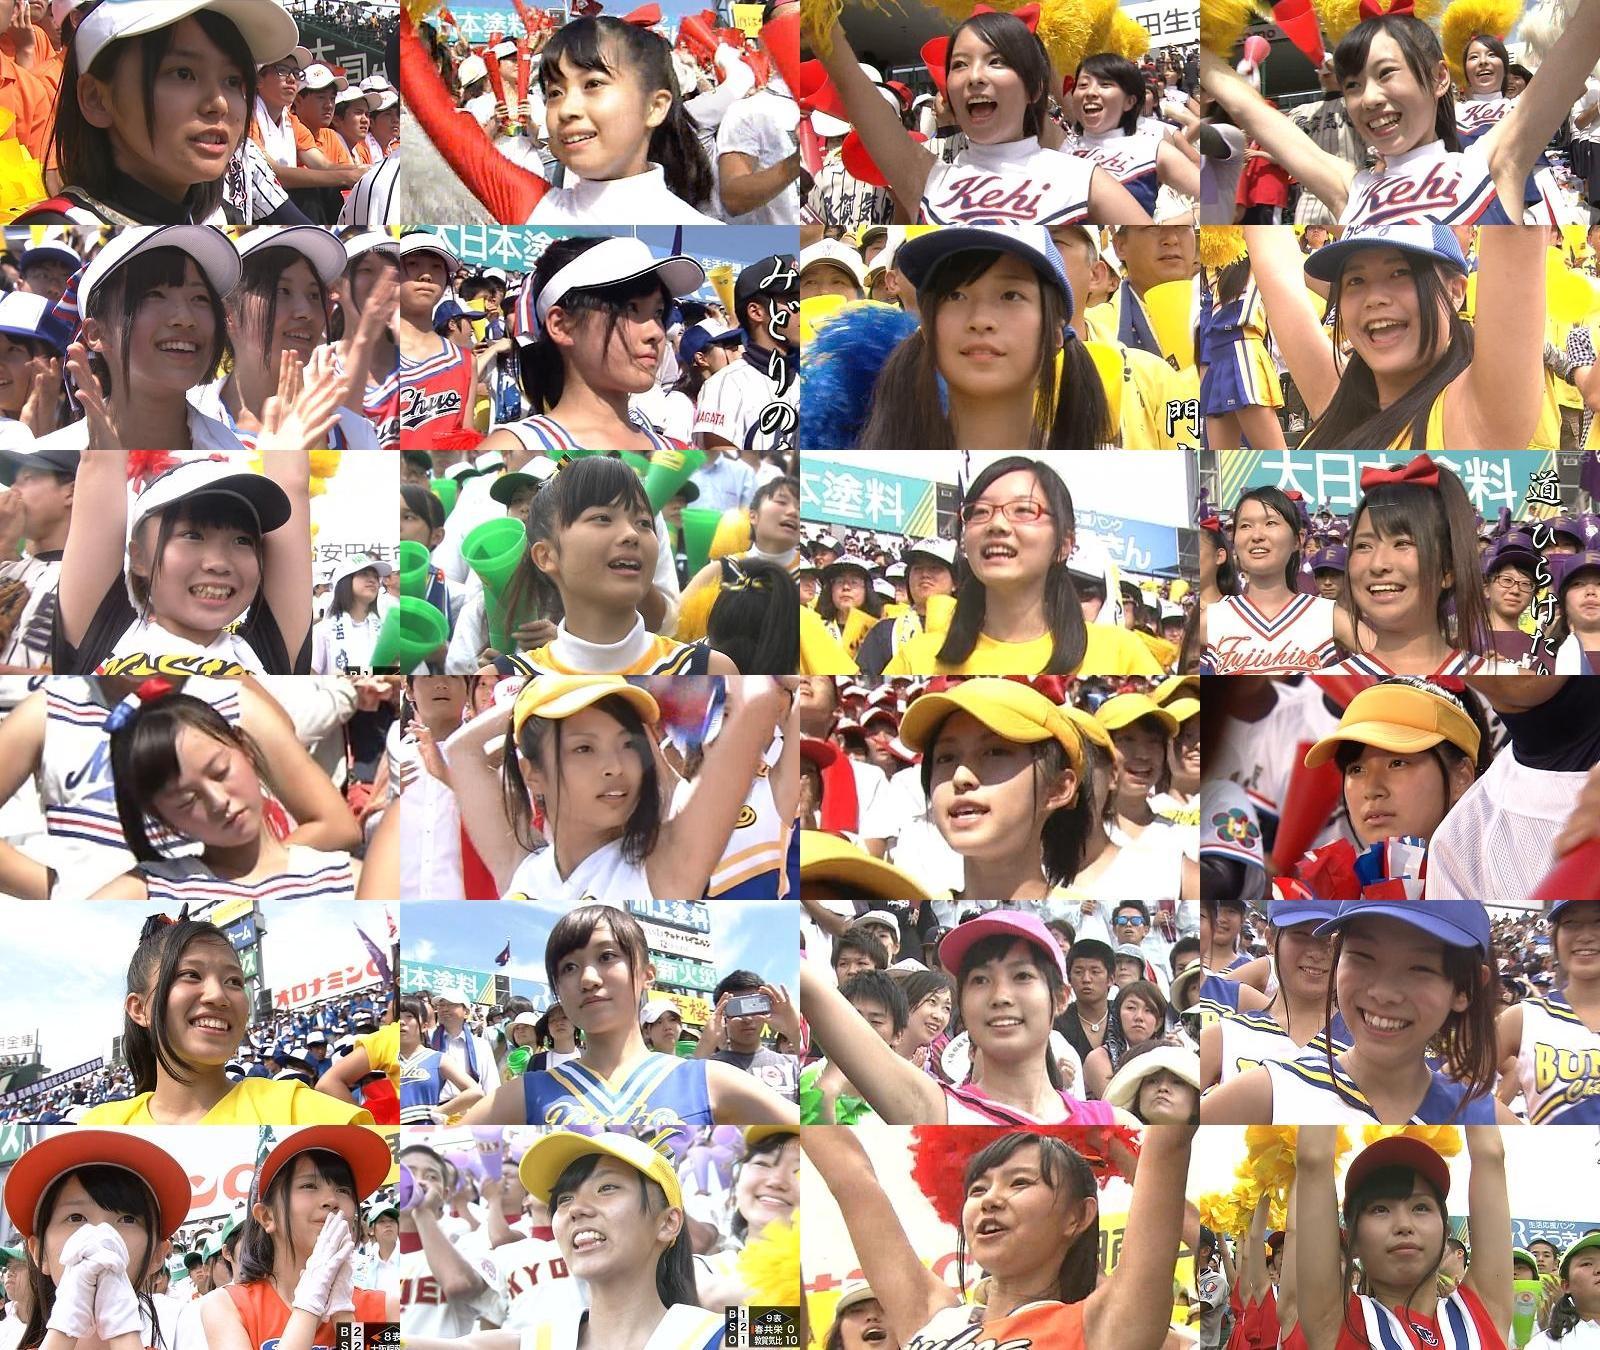 思わずムラッとしたU-15画像 40ムラ目【目一杯抜いて!】YouTube動画>30本 ->画像>1601枚